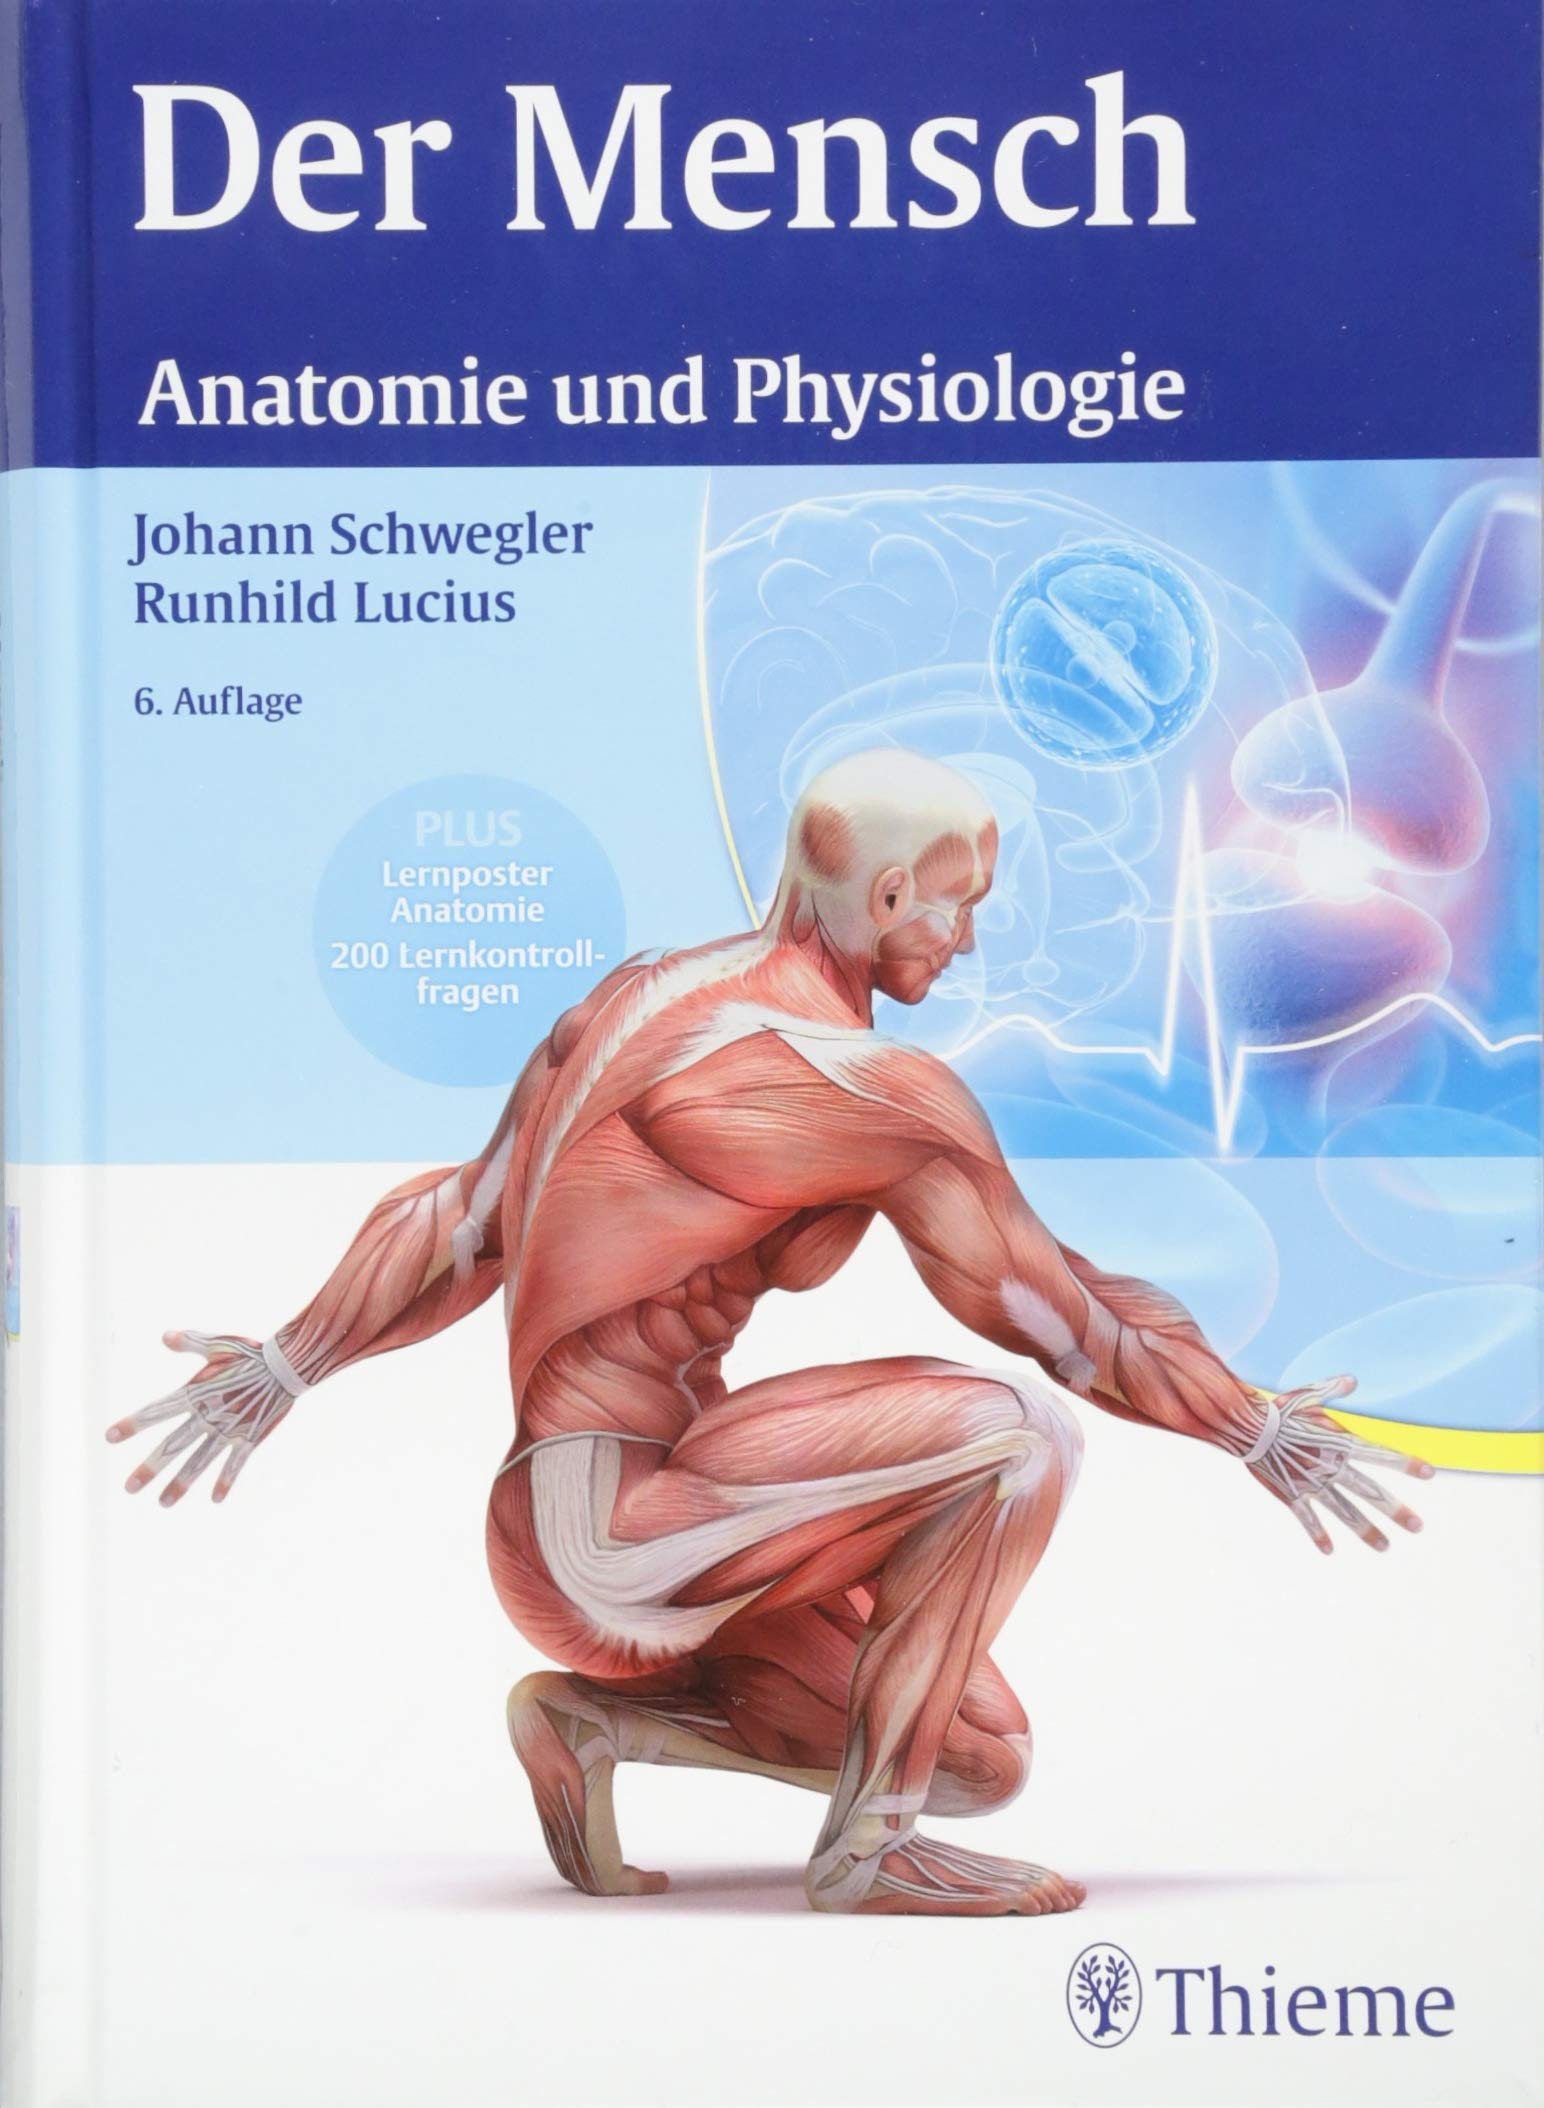 Anatomie und Physiologie Johann S Der Mensch Schwegler